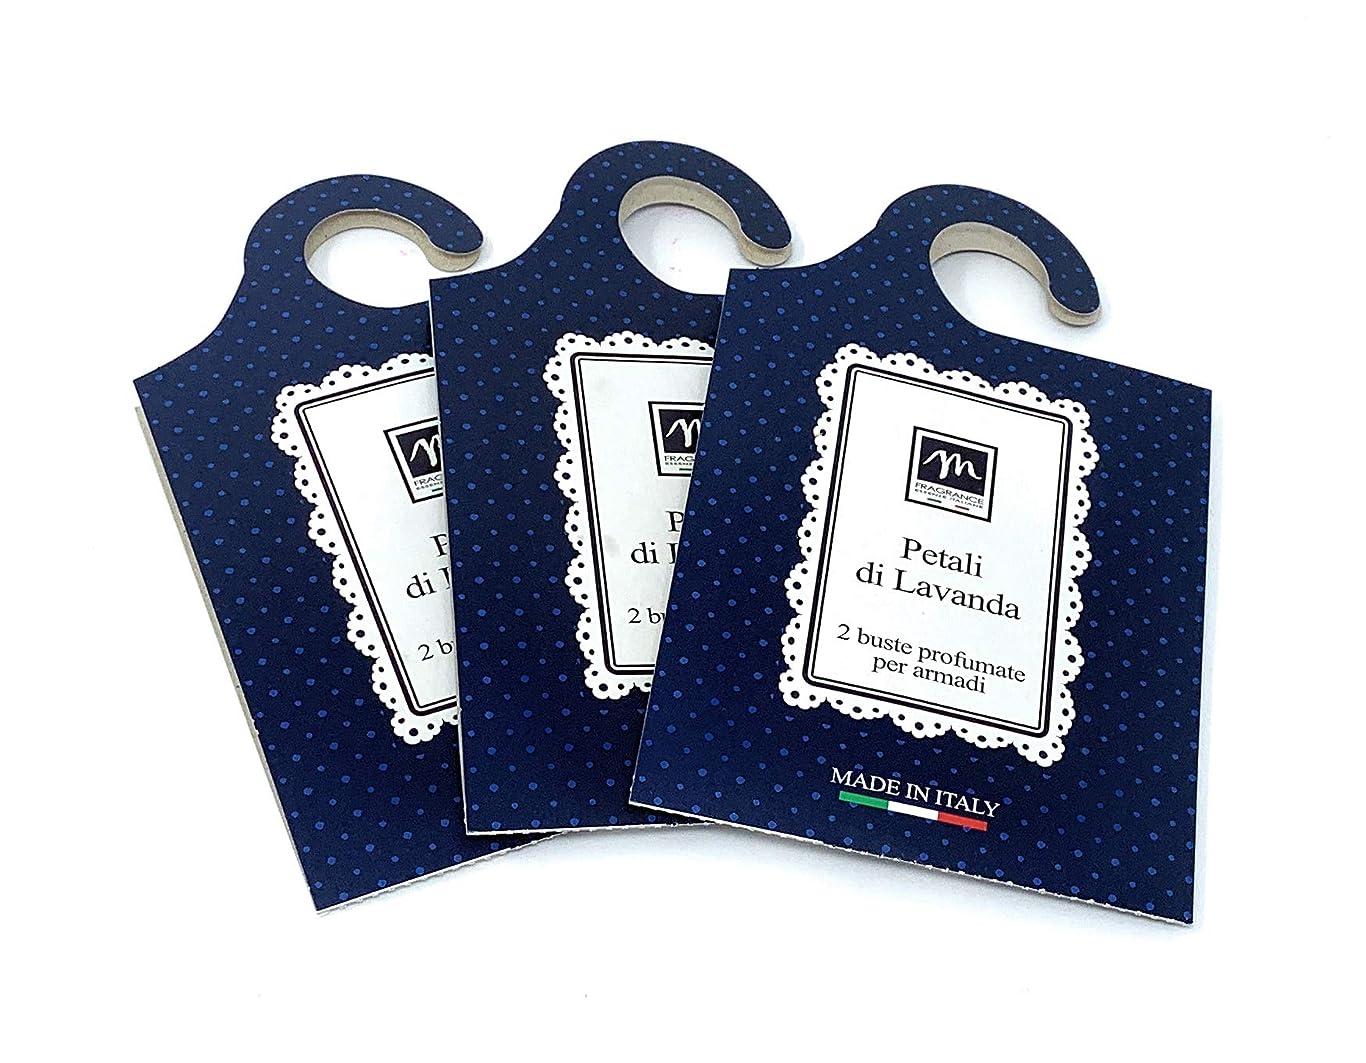 青ビルダー絶望MERCURY ITALY 吊り下げるサシェ(香り袋) MAISON イタリア製 ラベンダーの花びらの香り/Petali di Lavanda 2枚入り×3パック [並行輸入品]